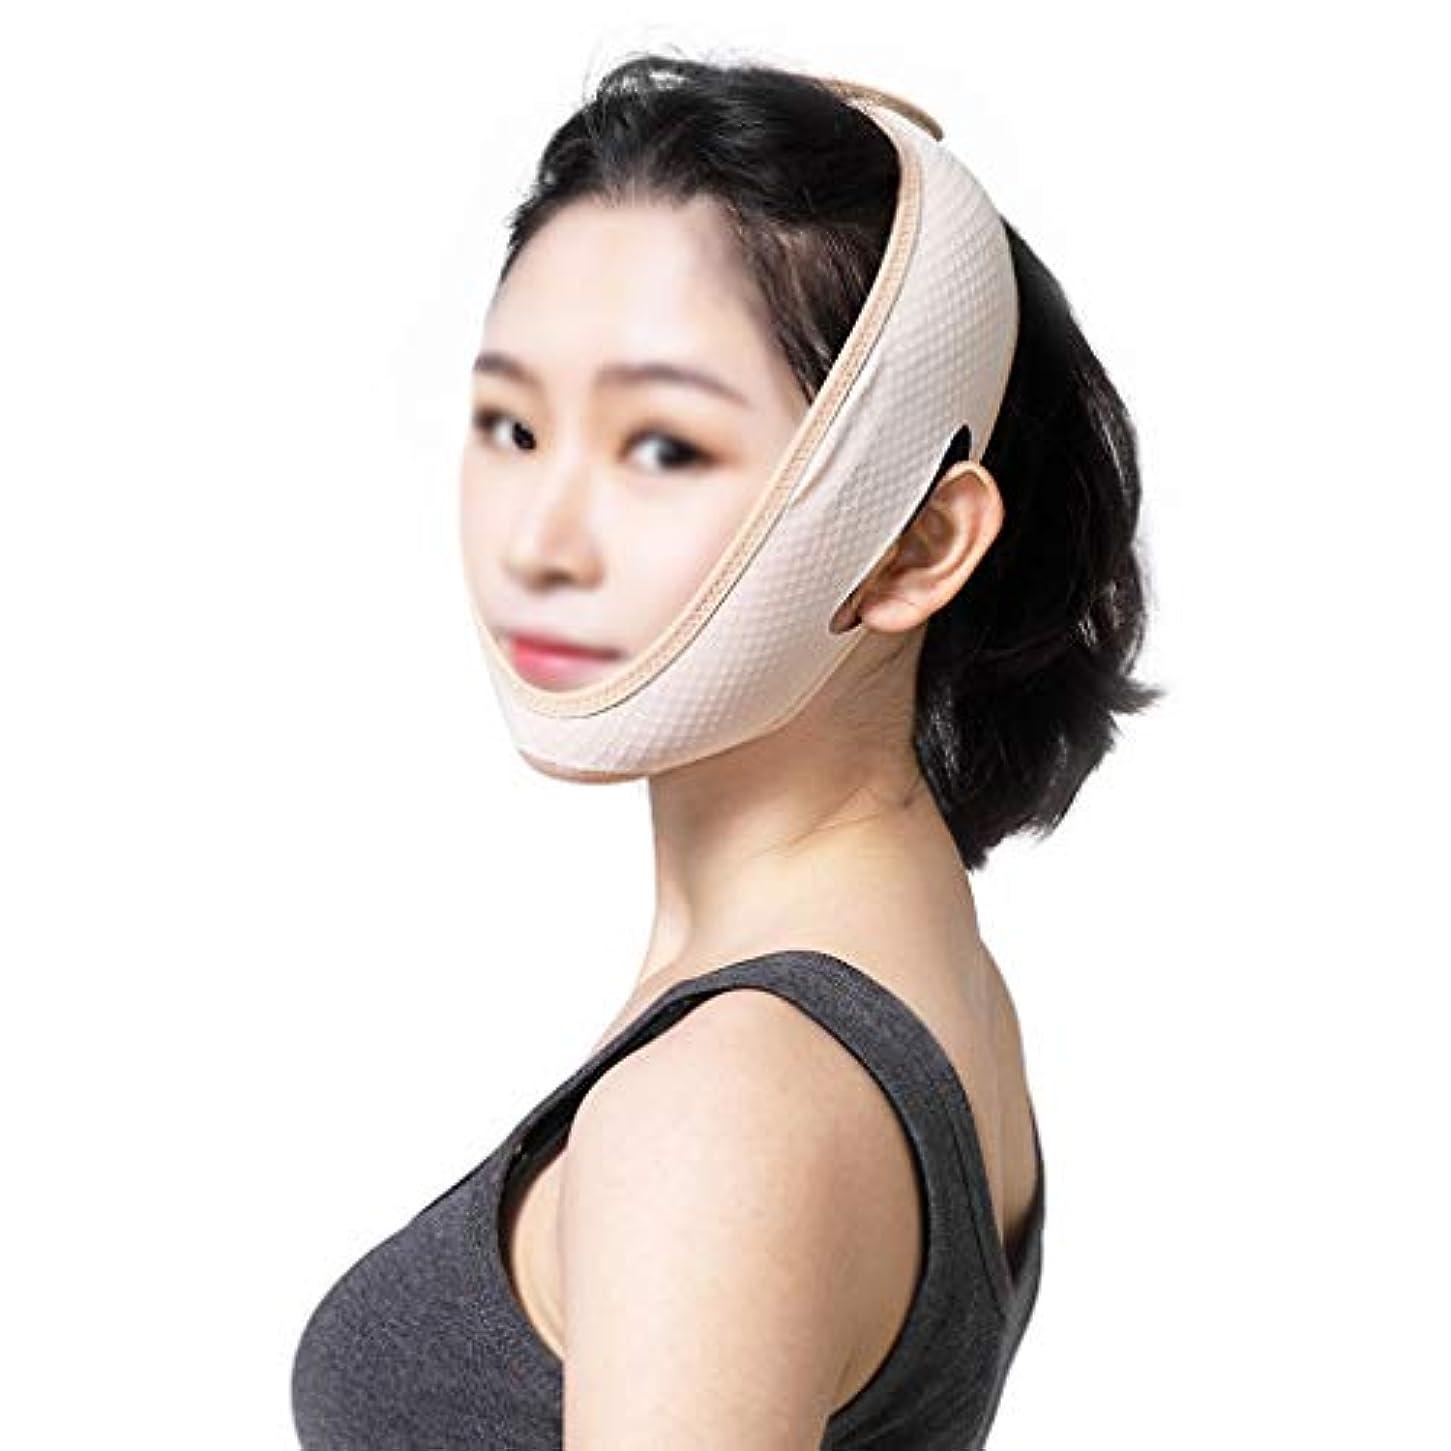 名門夜明けに頑張るTLMY 顔面リフティング包帯術後回復マスクリフティング包帯薄い顔アーティファクトは、小さなV顔を作成する 顔用整形マスク